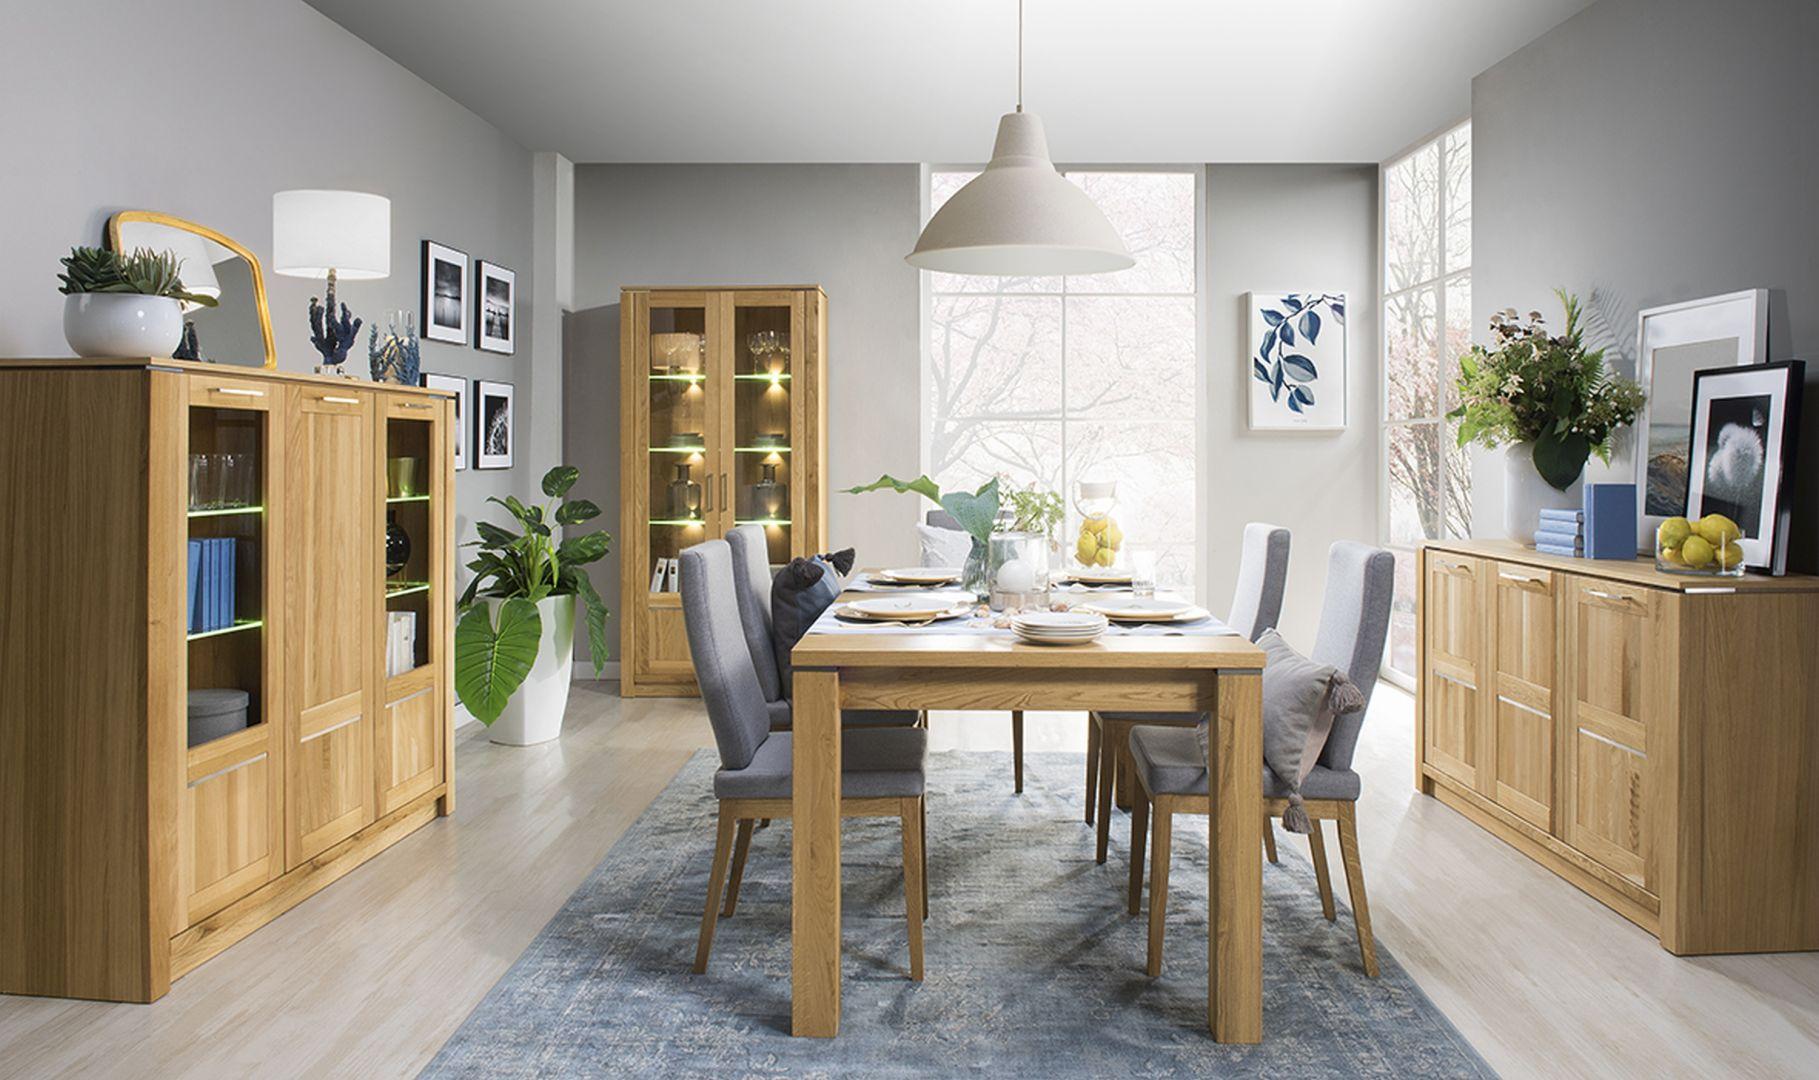 Wysoka jakość wykonania i jasna kolorystyka złotego dębu to czynniki, które idealnie wpisują kolekcję Oslo w wizję nowoczesnego, minimalistycznego salonu i jadalni. Fot. Oslo, Szynaka Meble. Cena 249zł - 2749zł